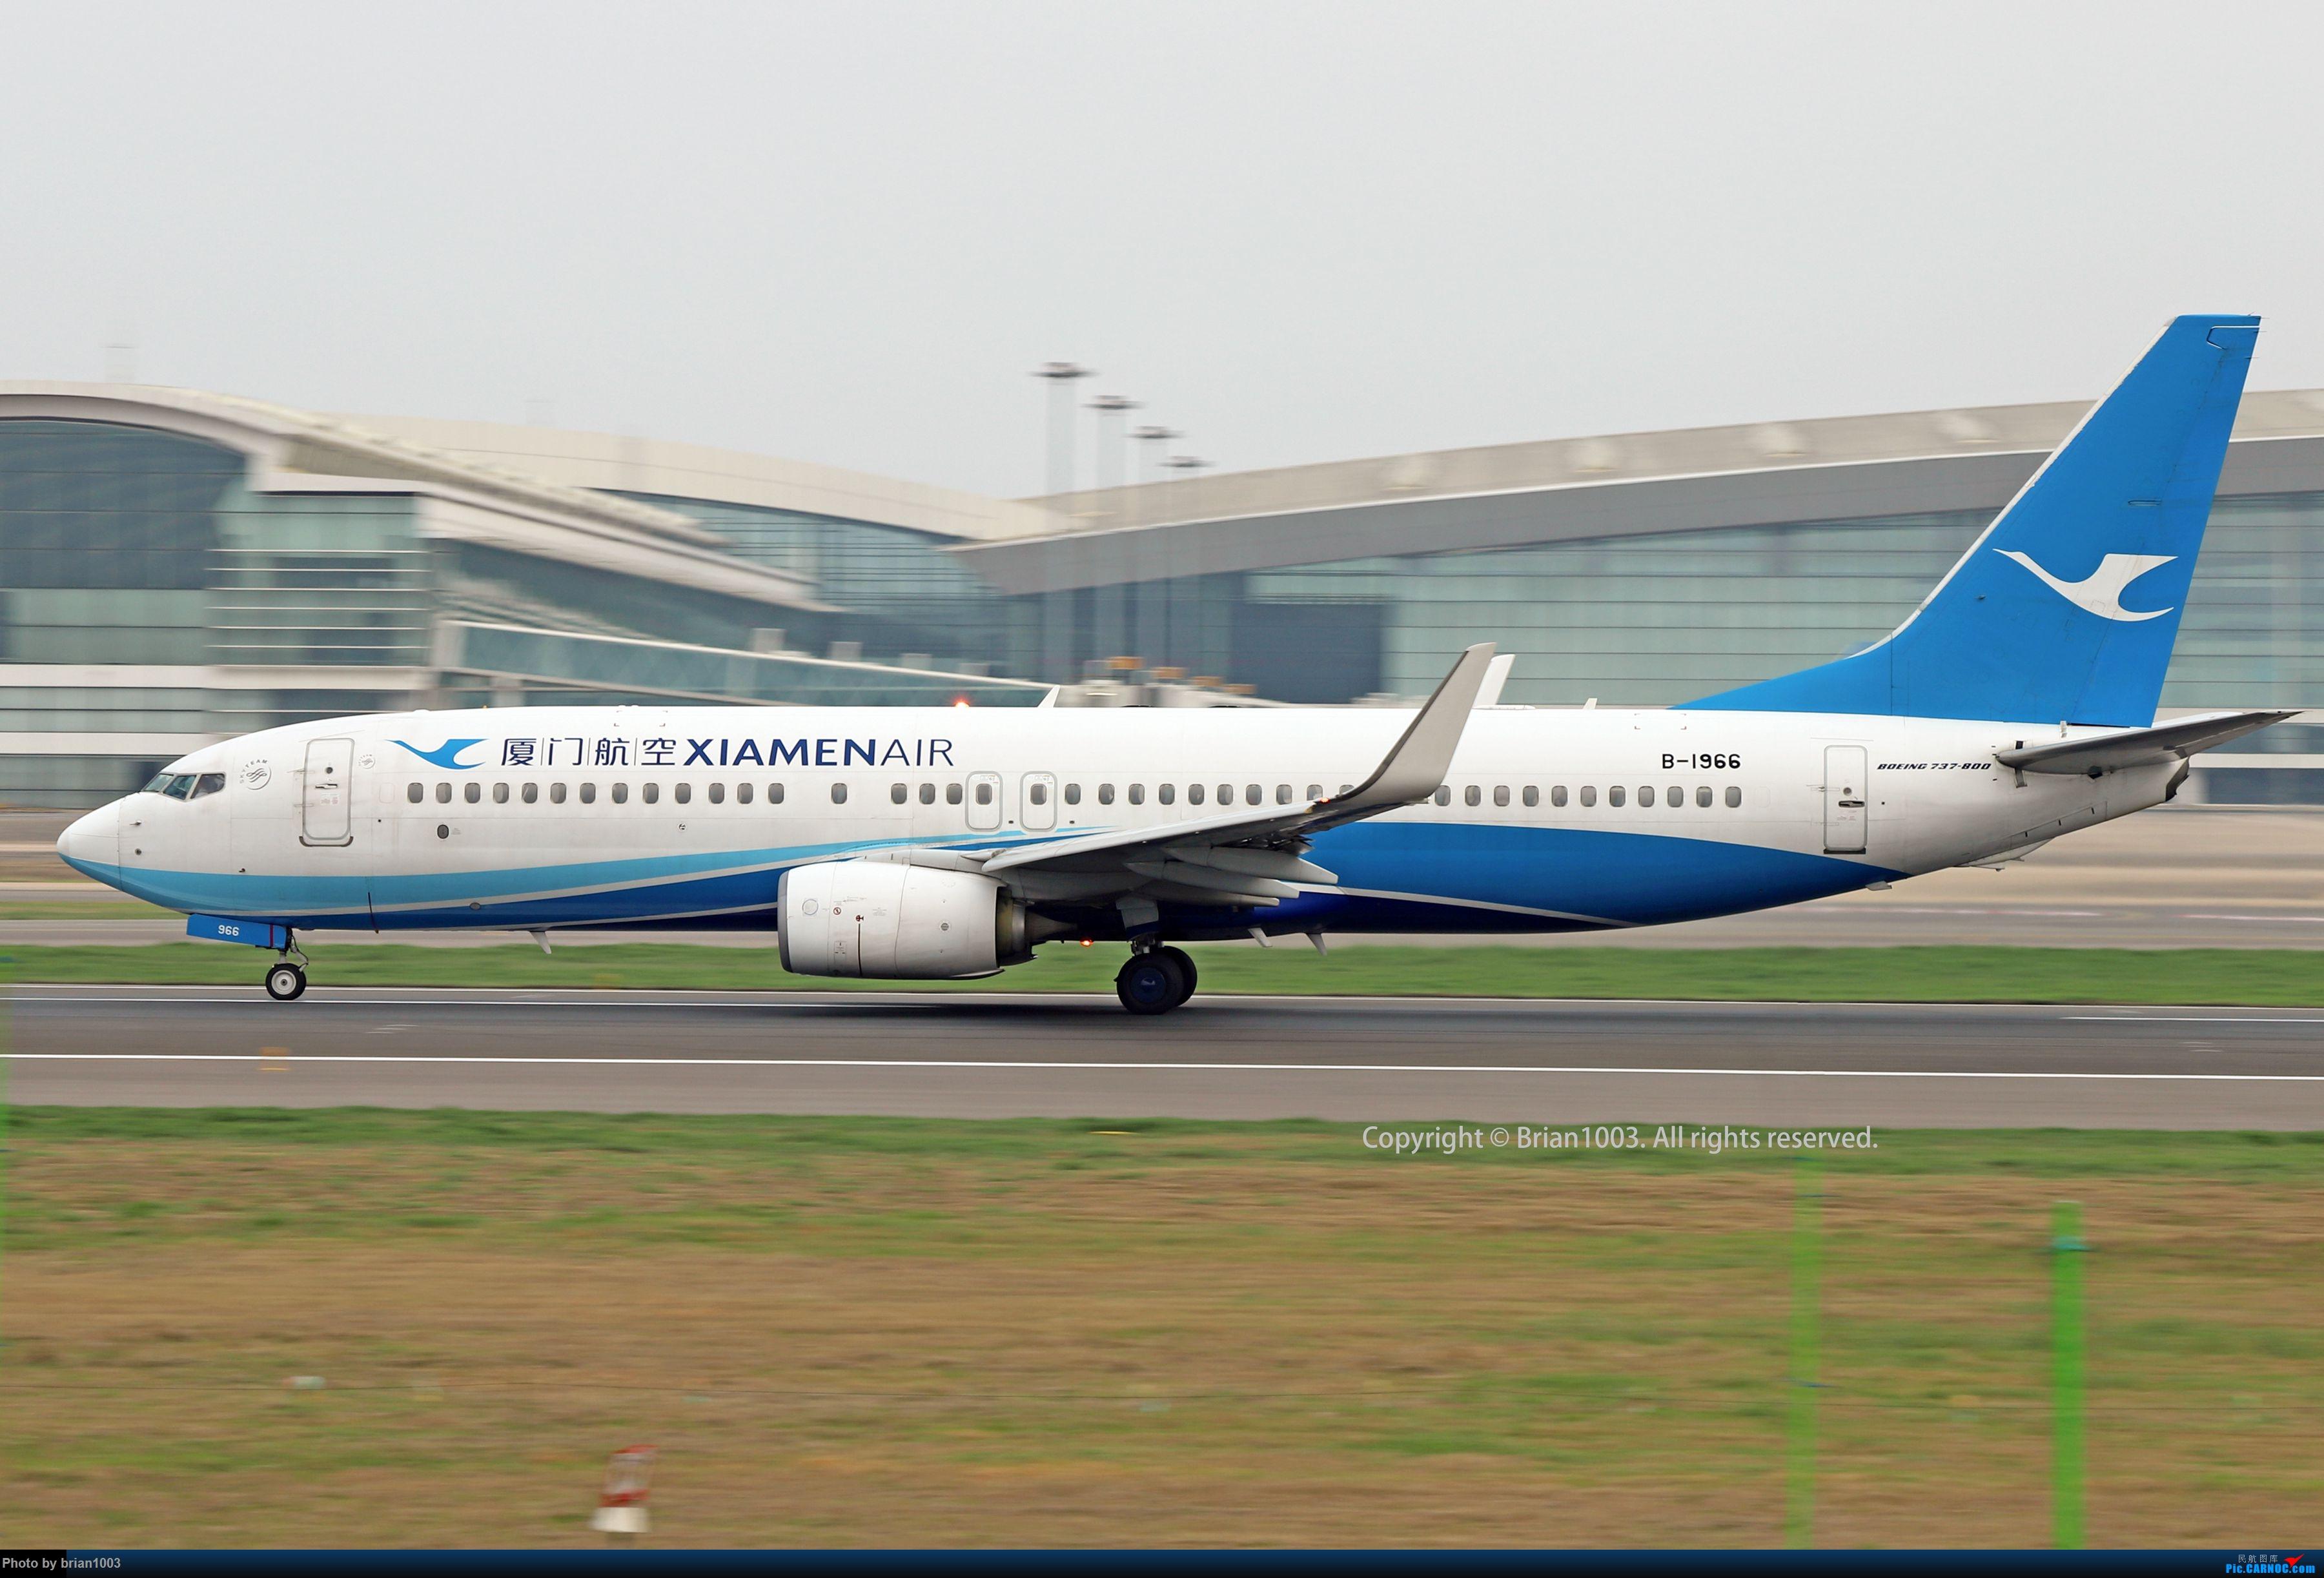 Re:[原创]WUH天河机场2021年拍机之二月 BOEING 737-800 B-1966 中国武汉天河国际机场